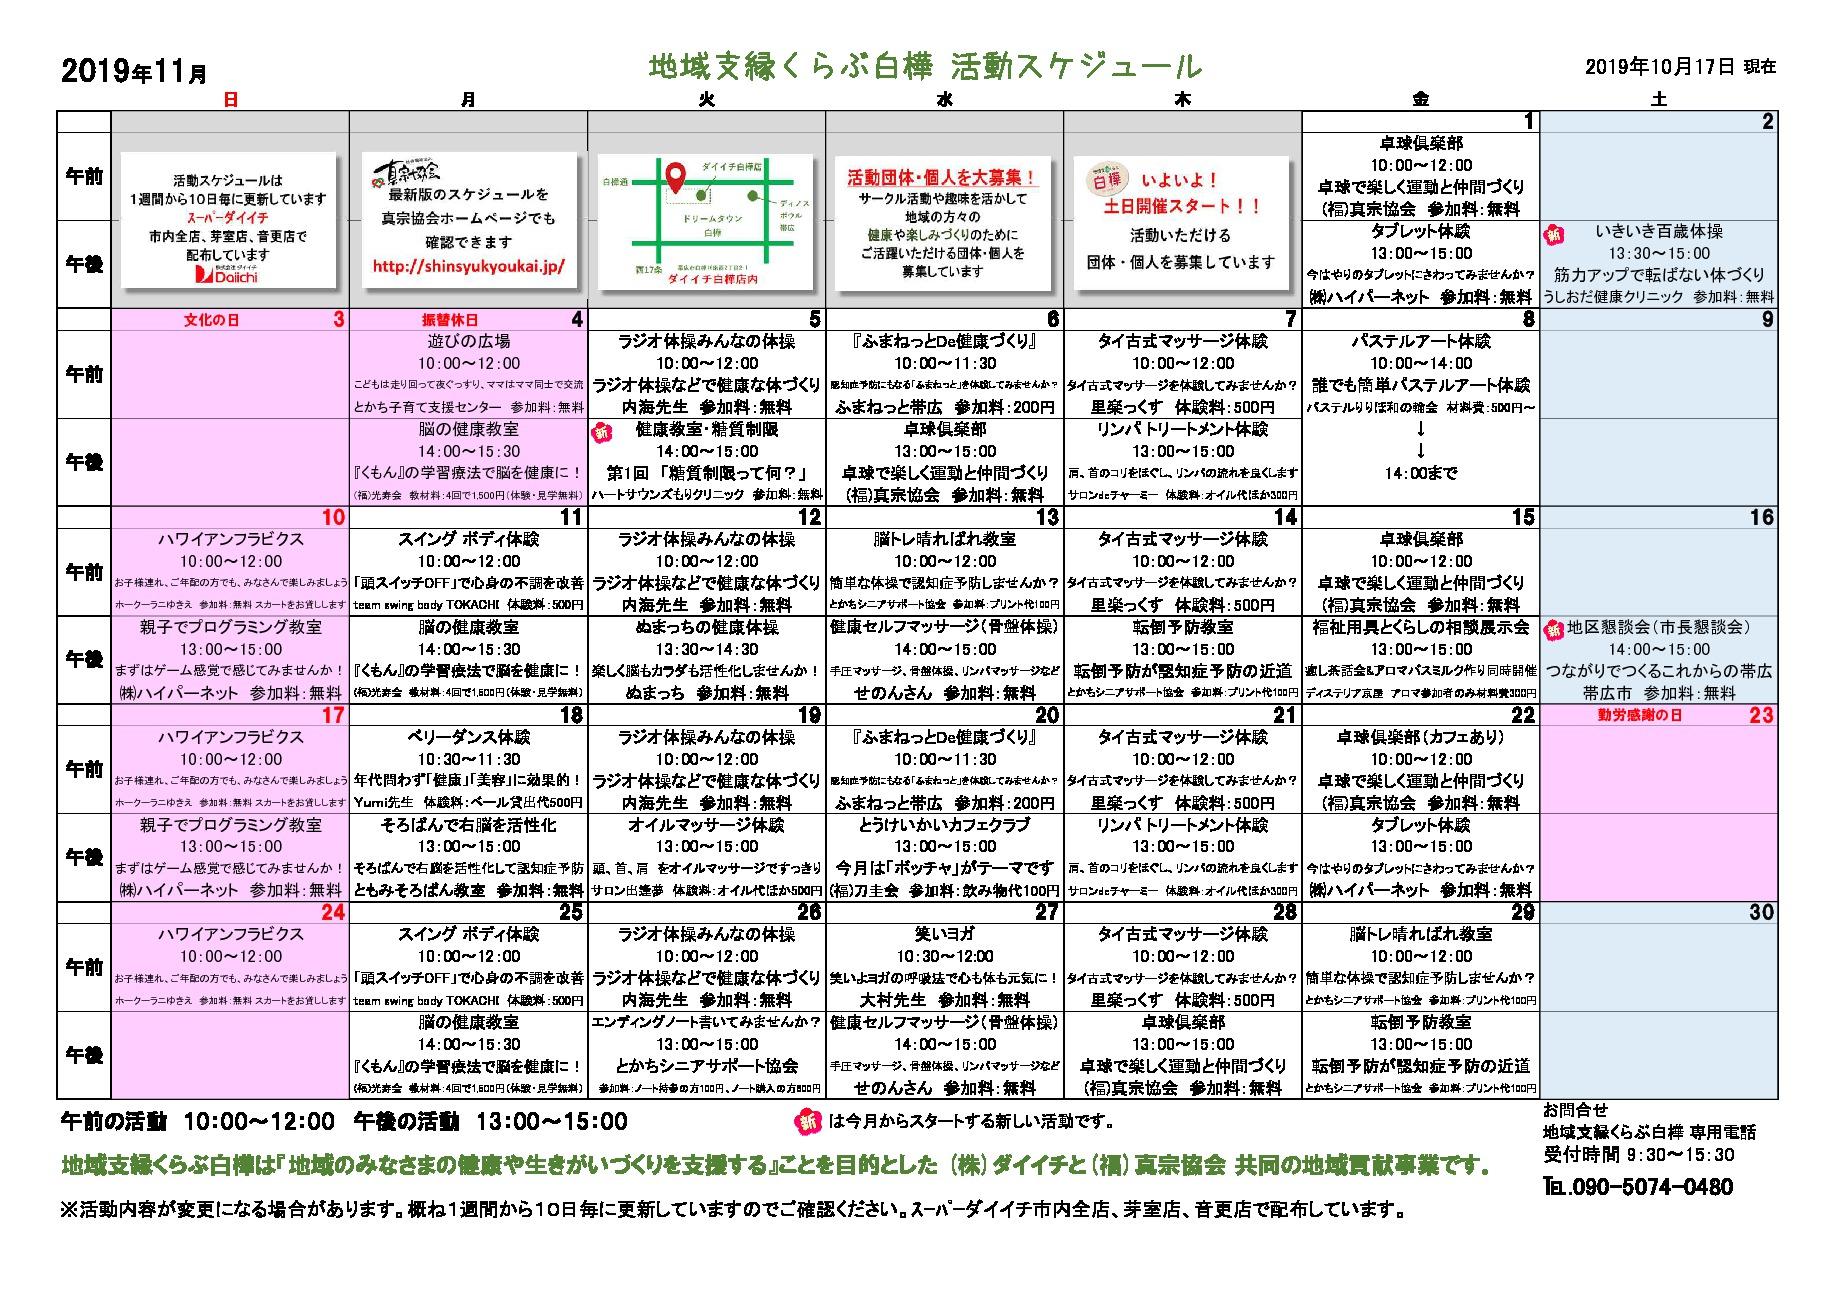 2019活動スケジュール11(2019.10.17付)のサムネイル